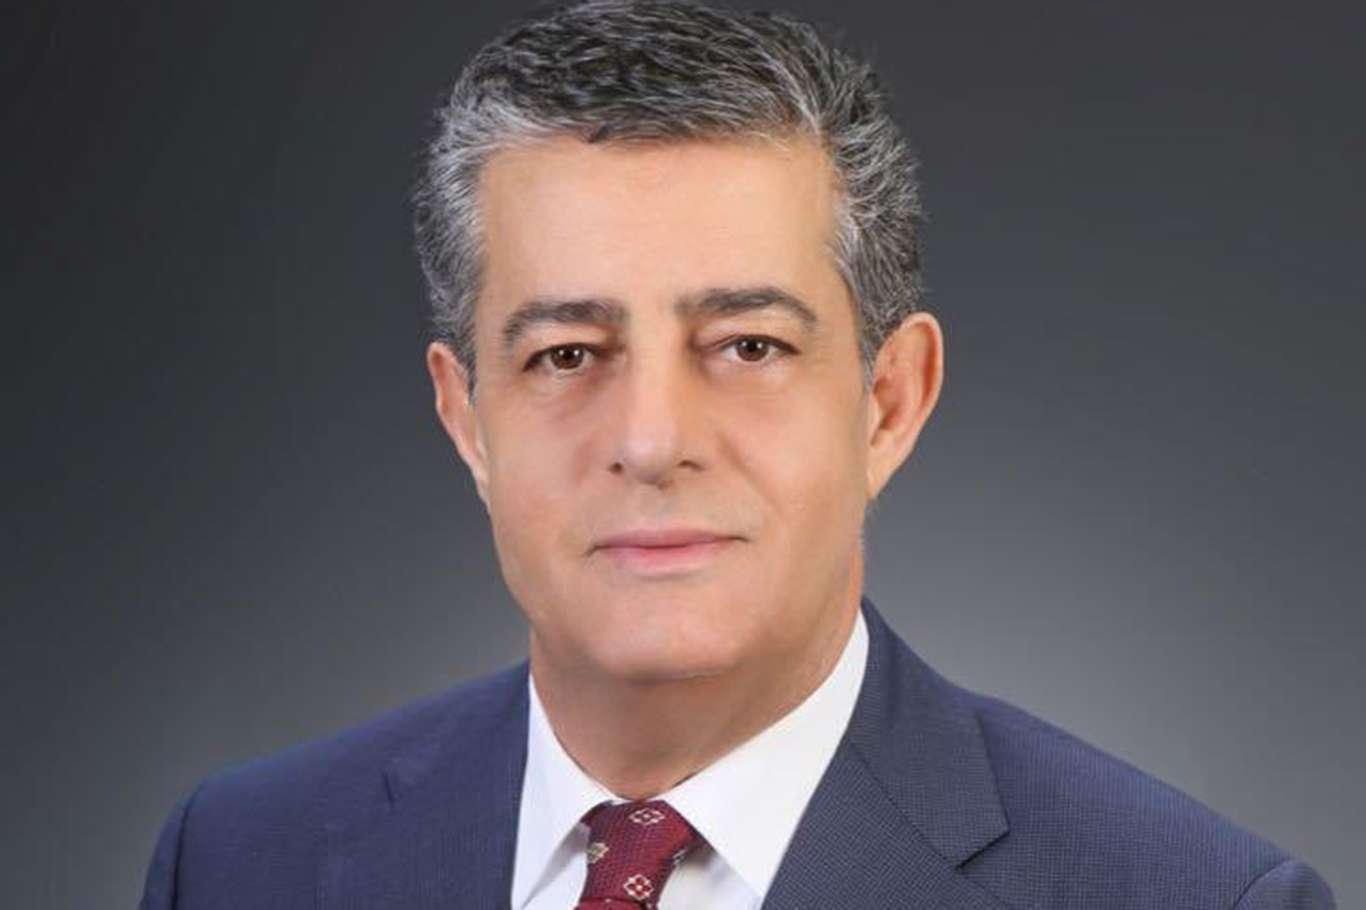 Şırnak Belediye Başkanı Yarkanın Covid-19 testi pozitif çıktı